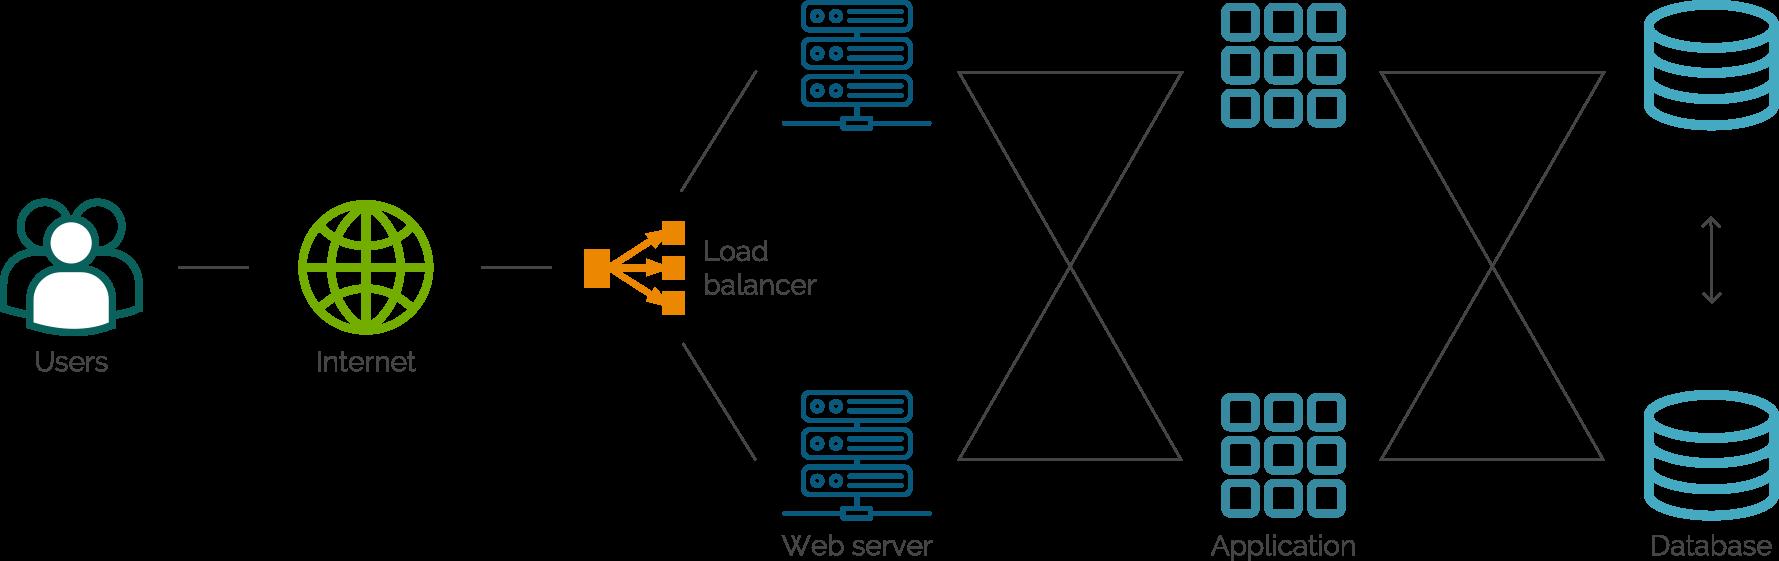 web-architecture